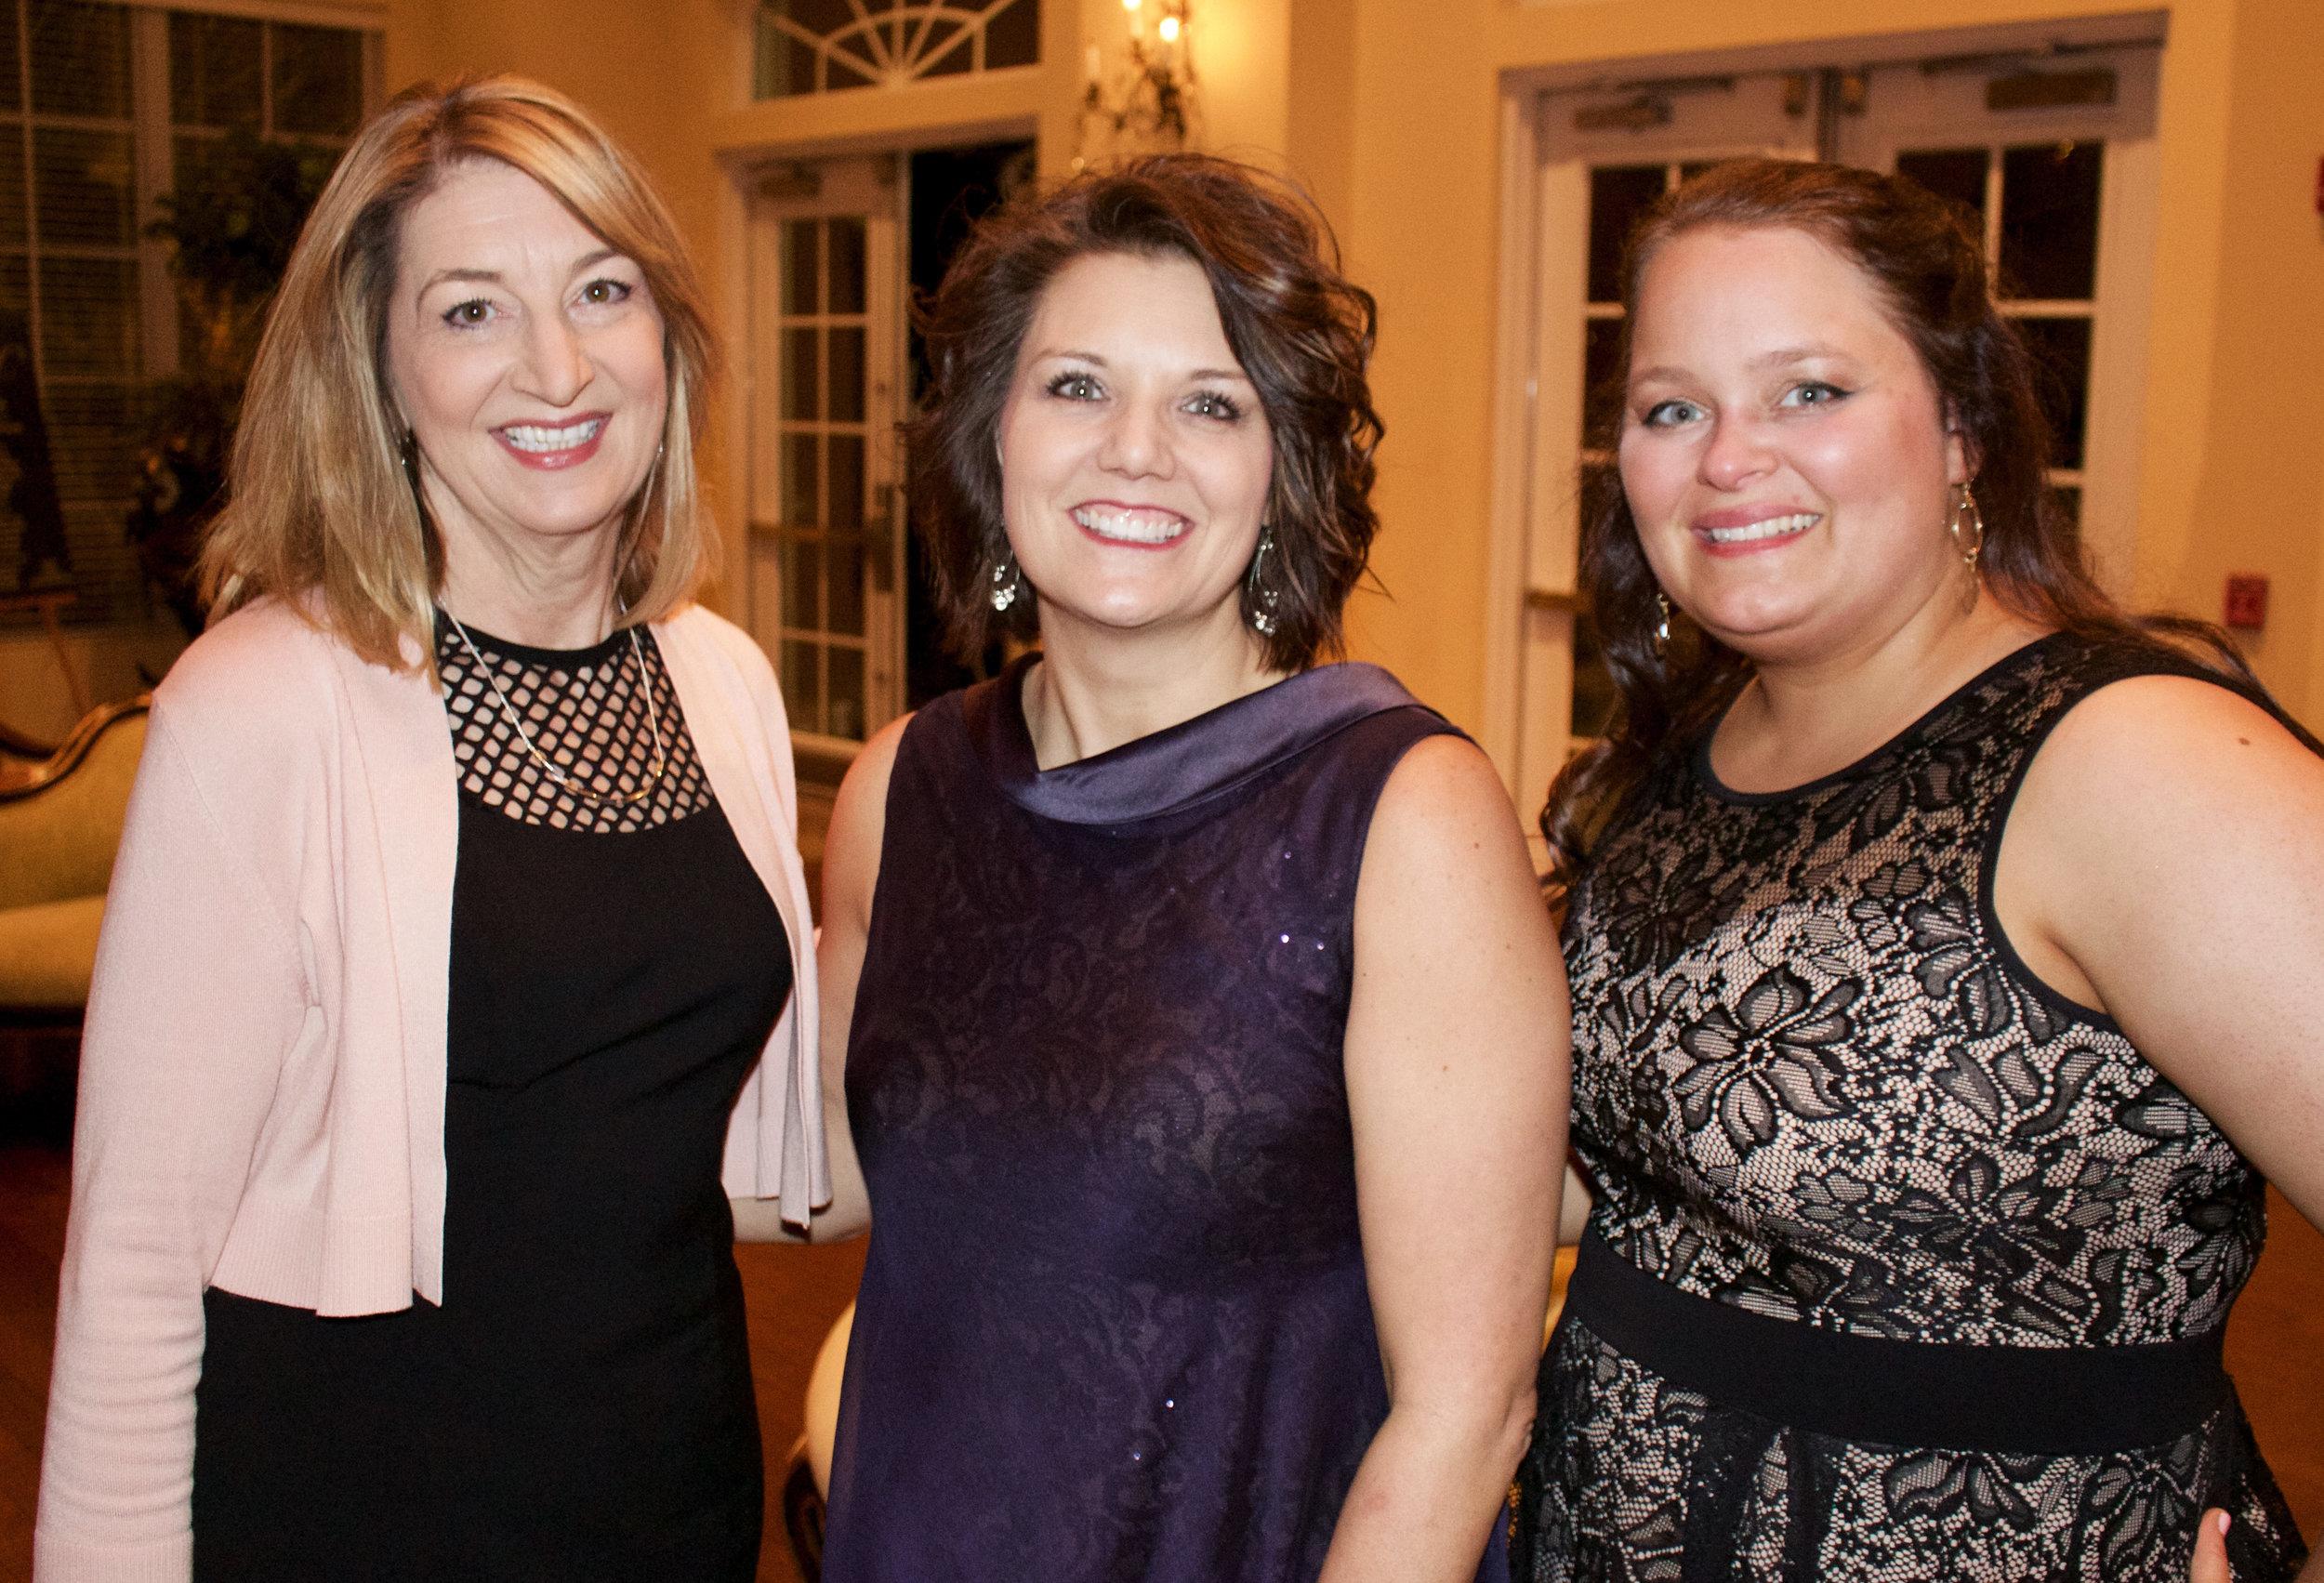 Kathi Robinson, Mia Kemp and Jessica Wright